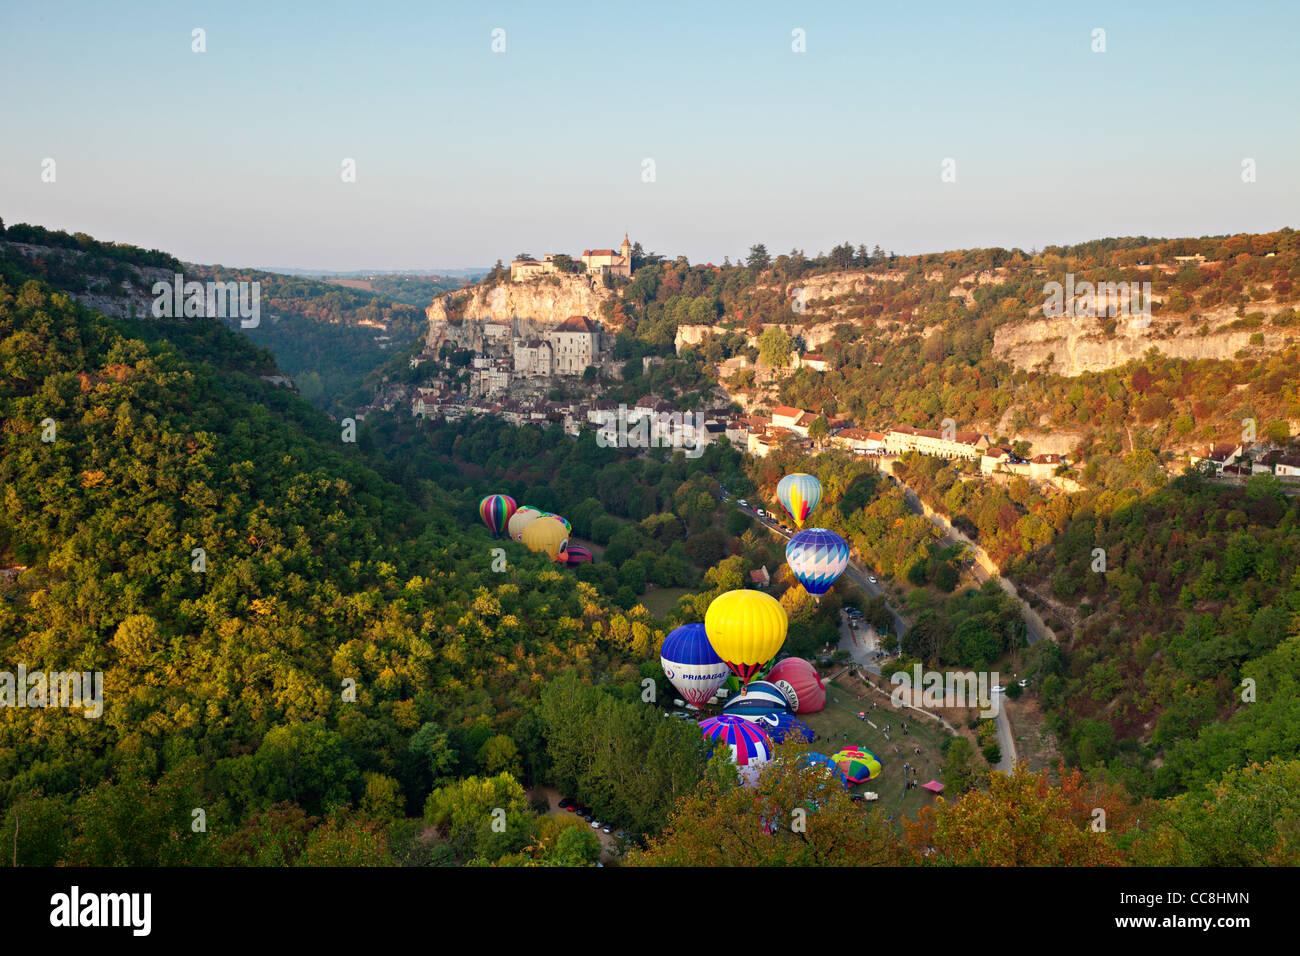 Los globos de aire caliente (montgolfieres) en Rocamadour temprano en la mañana. Imagen De Stock